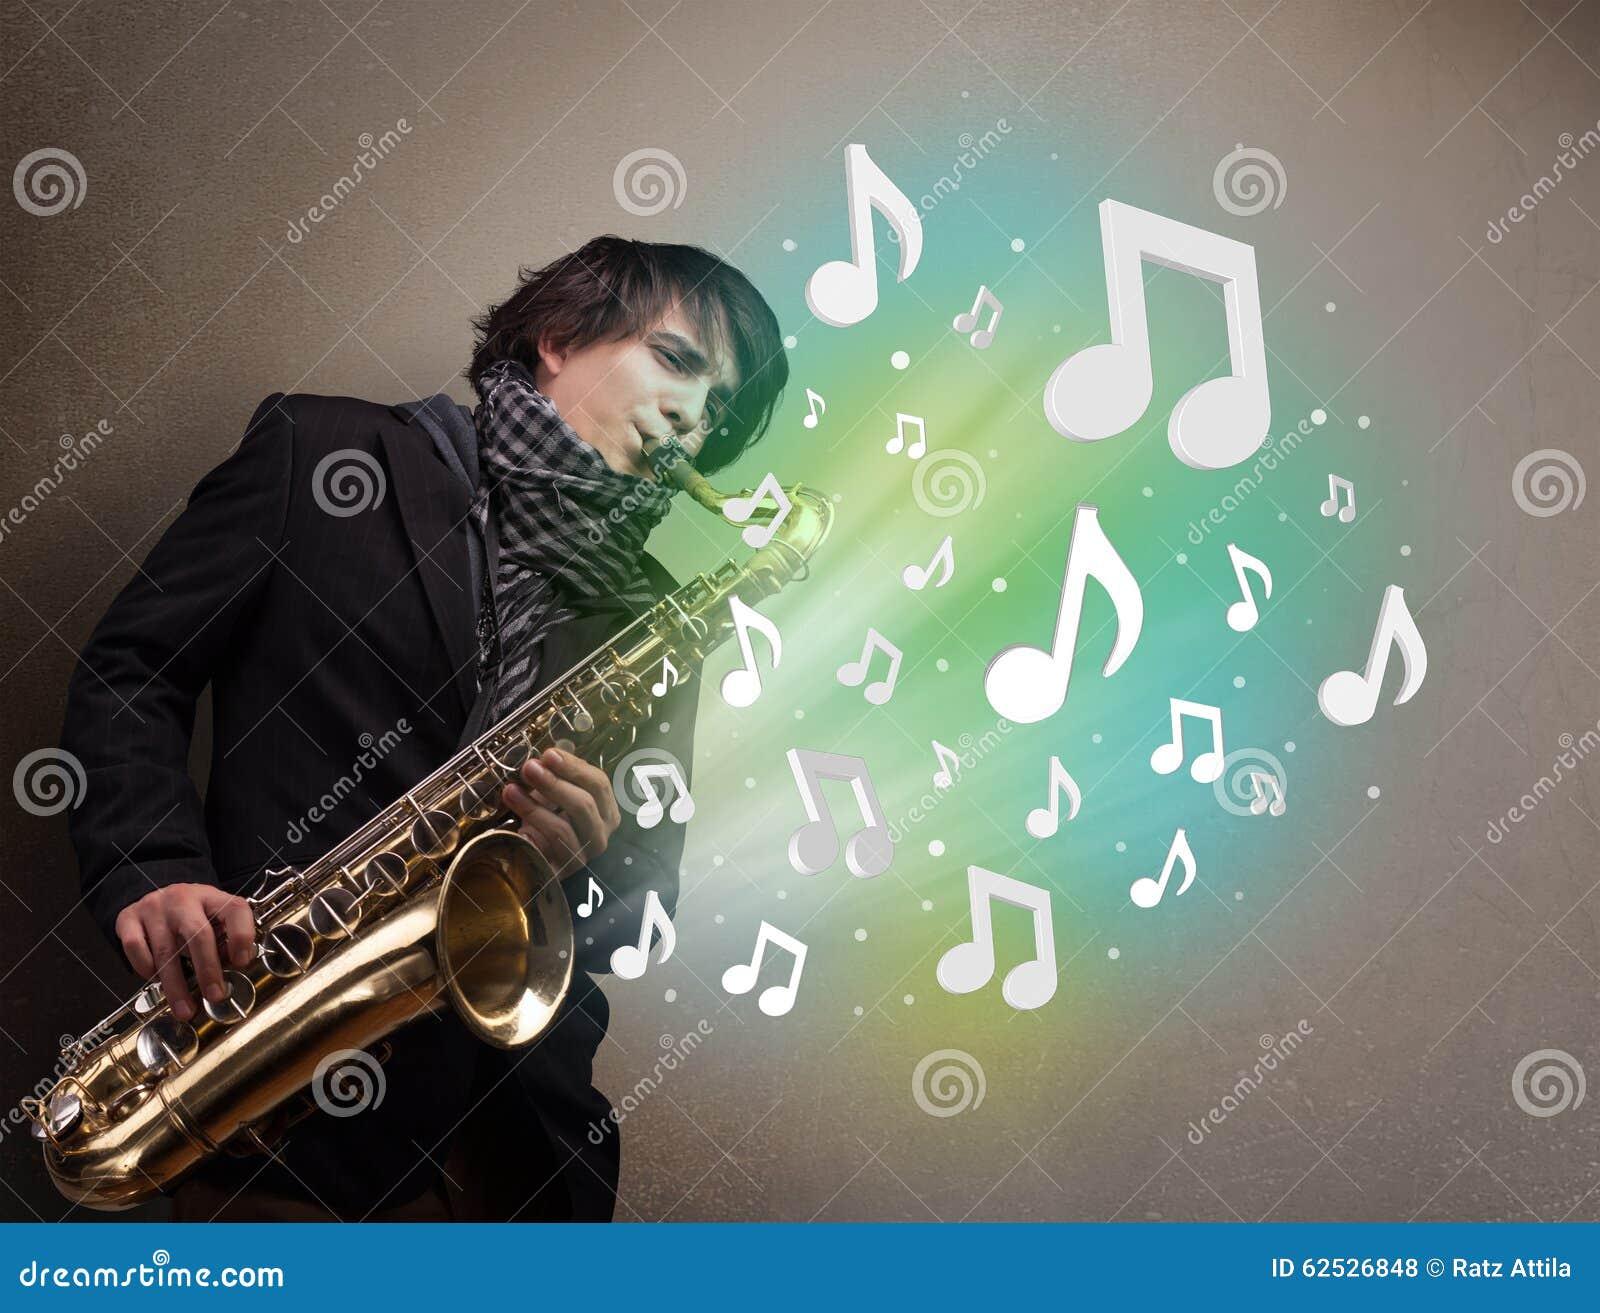 使用在萨克斯管的年轻音乐家,当音符explodin时